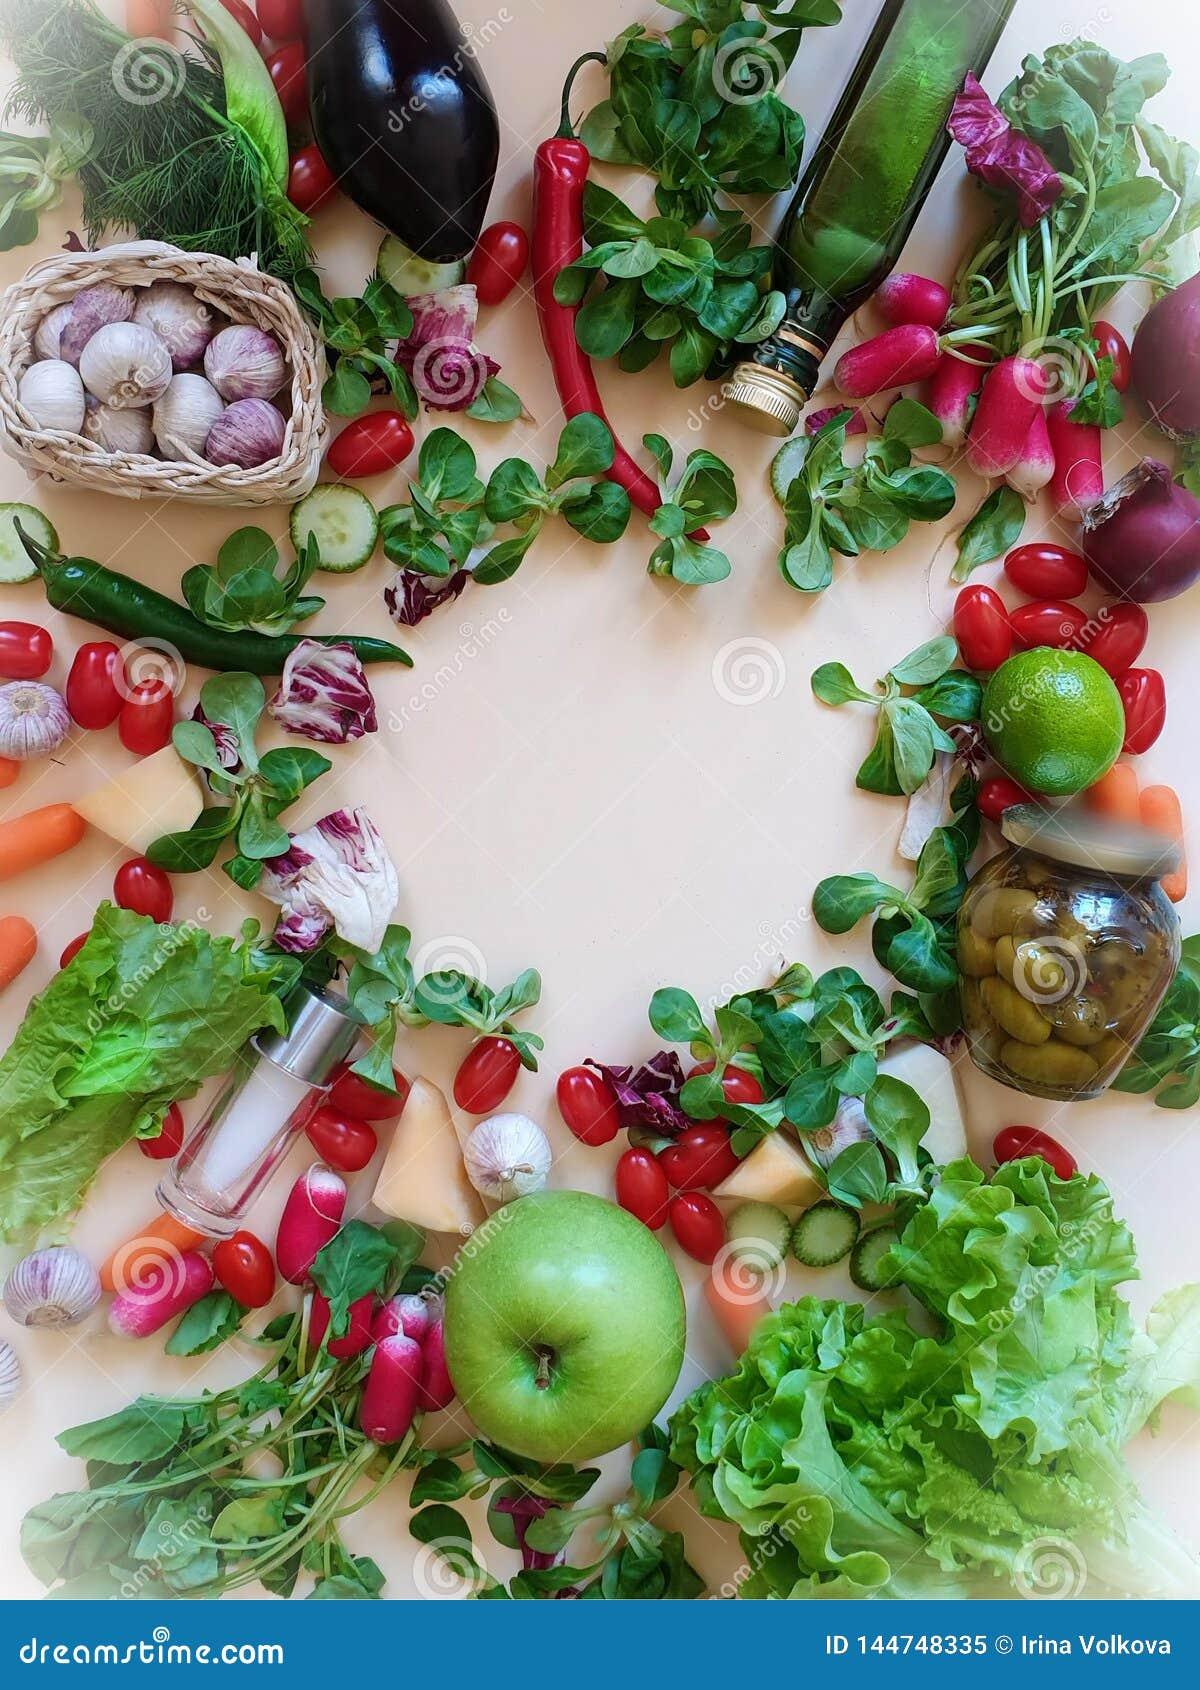 Rädisan för aubergine för dill för persilja för vitlök för löken för den gröna tomaten för salat för röd peppar för